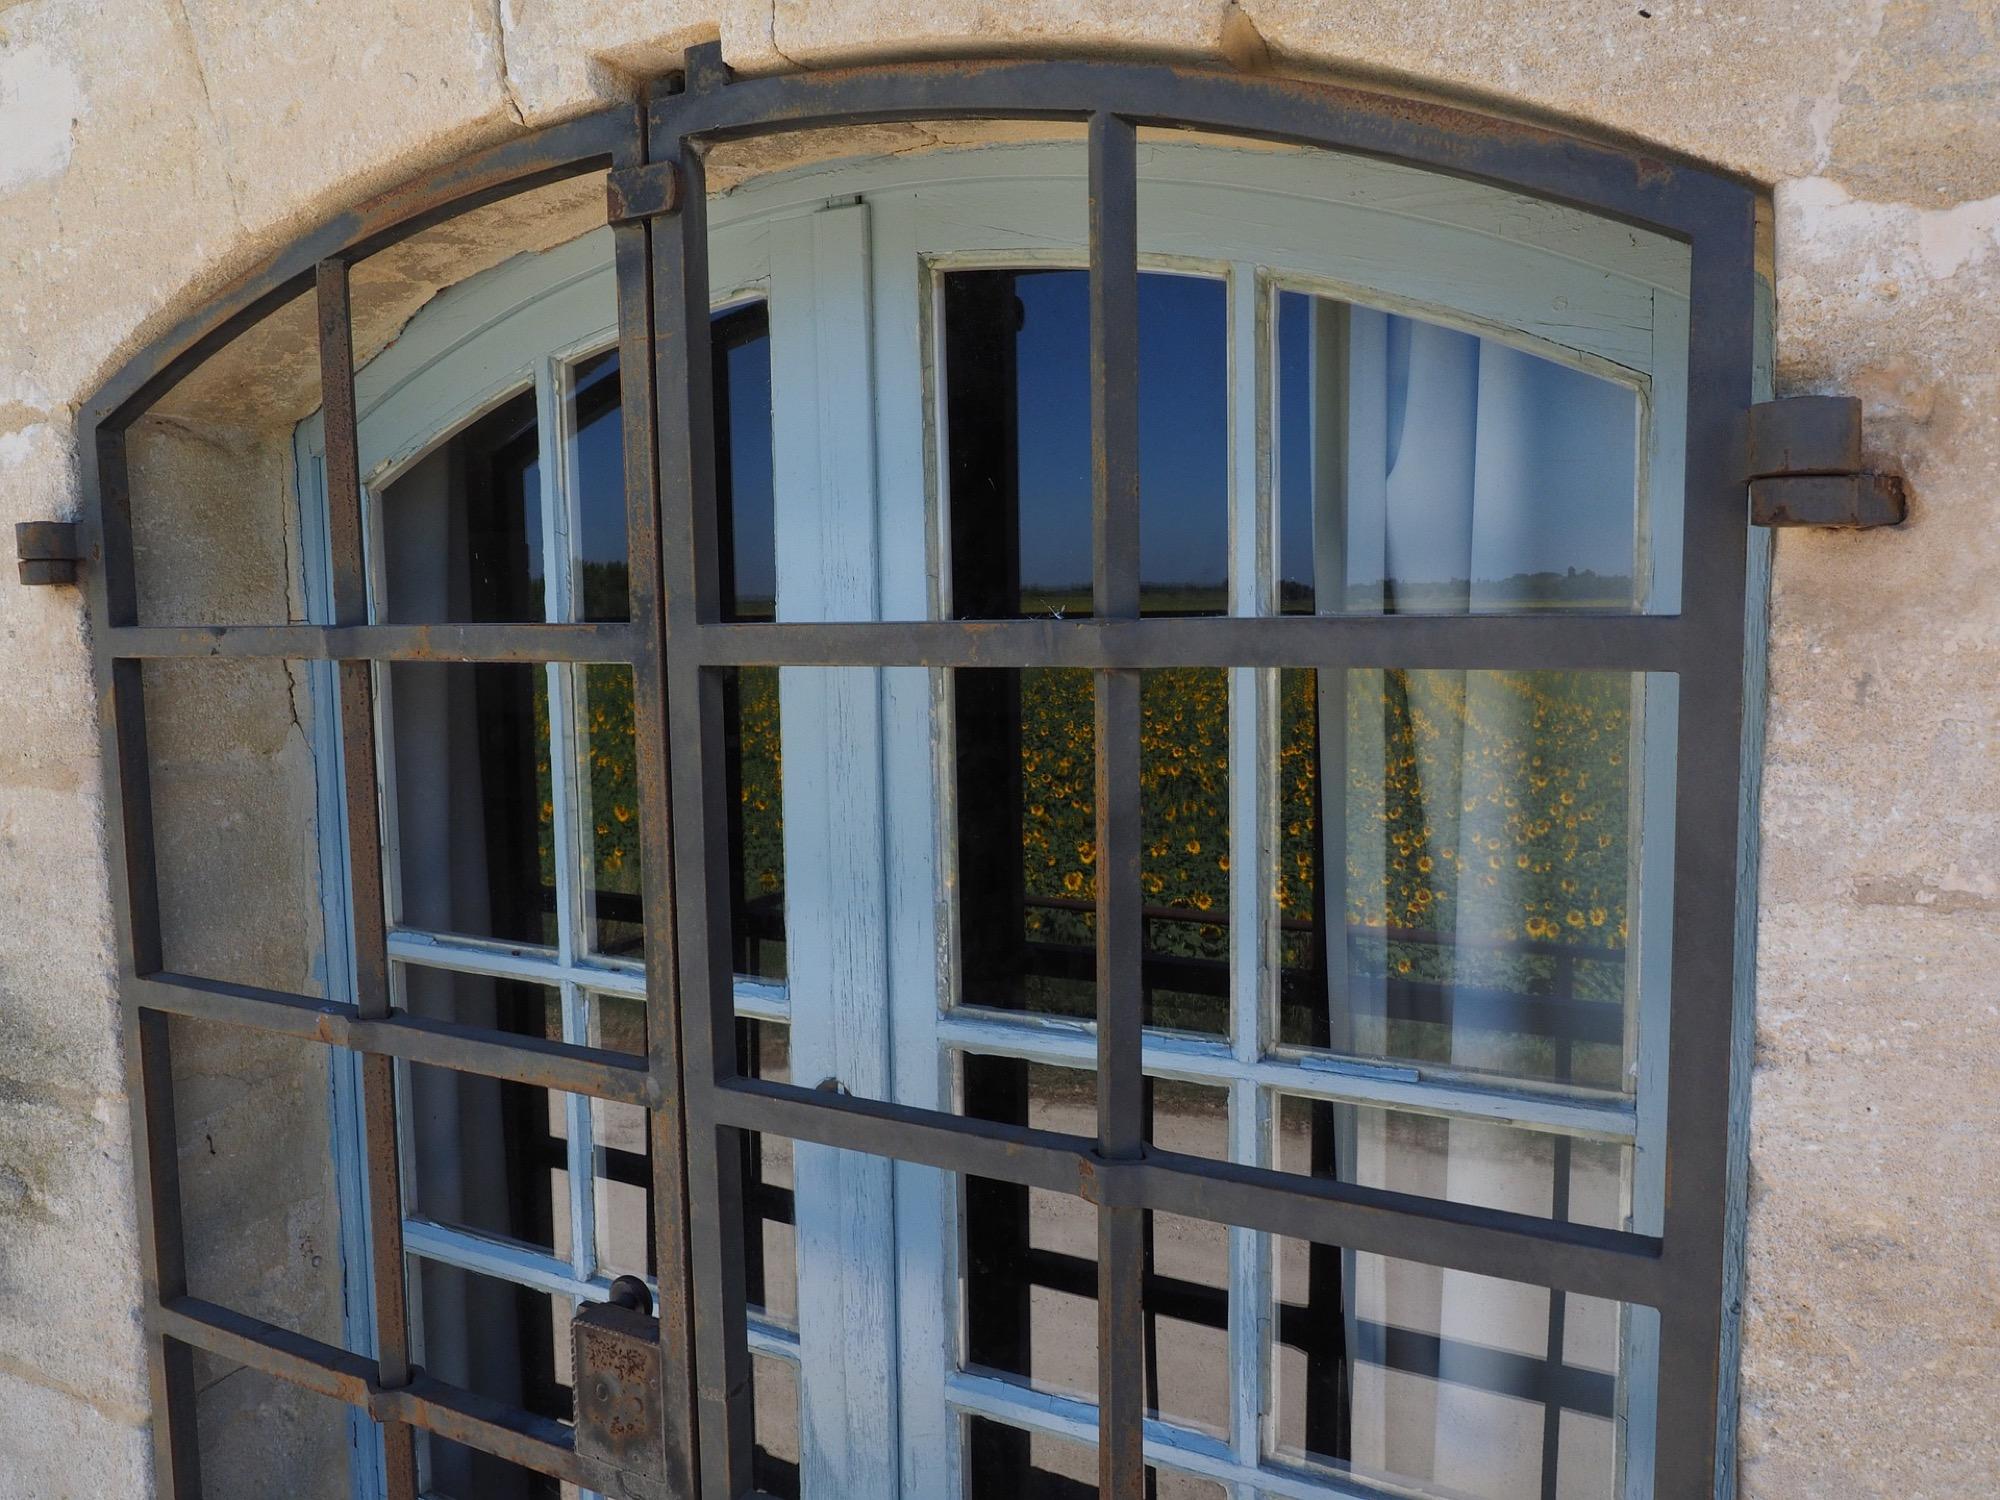 Full Size of Fenster Alarmanlage Funk Alarmanlagen Mit App Testsieger Abus Fernbedienung Landi Test Bauhaus Holz Alu Herne Roro Bodentief Sonnenschutz Zwangsbelüftung Fenster Fenster Alarmanlage